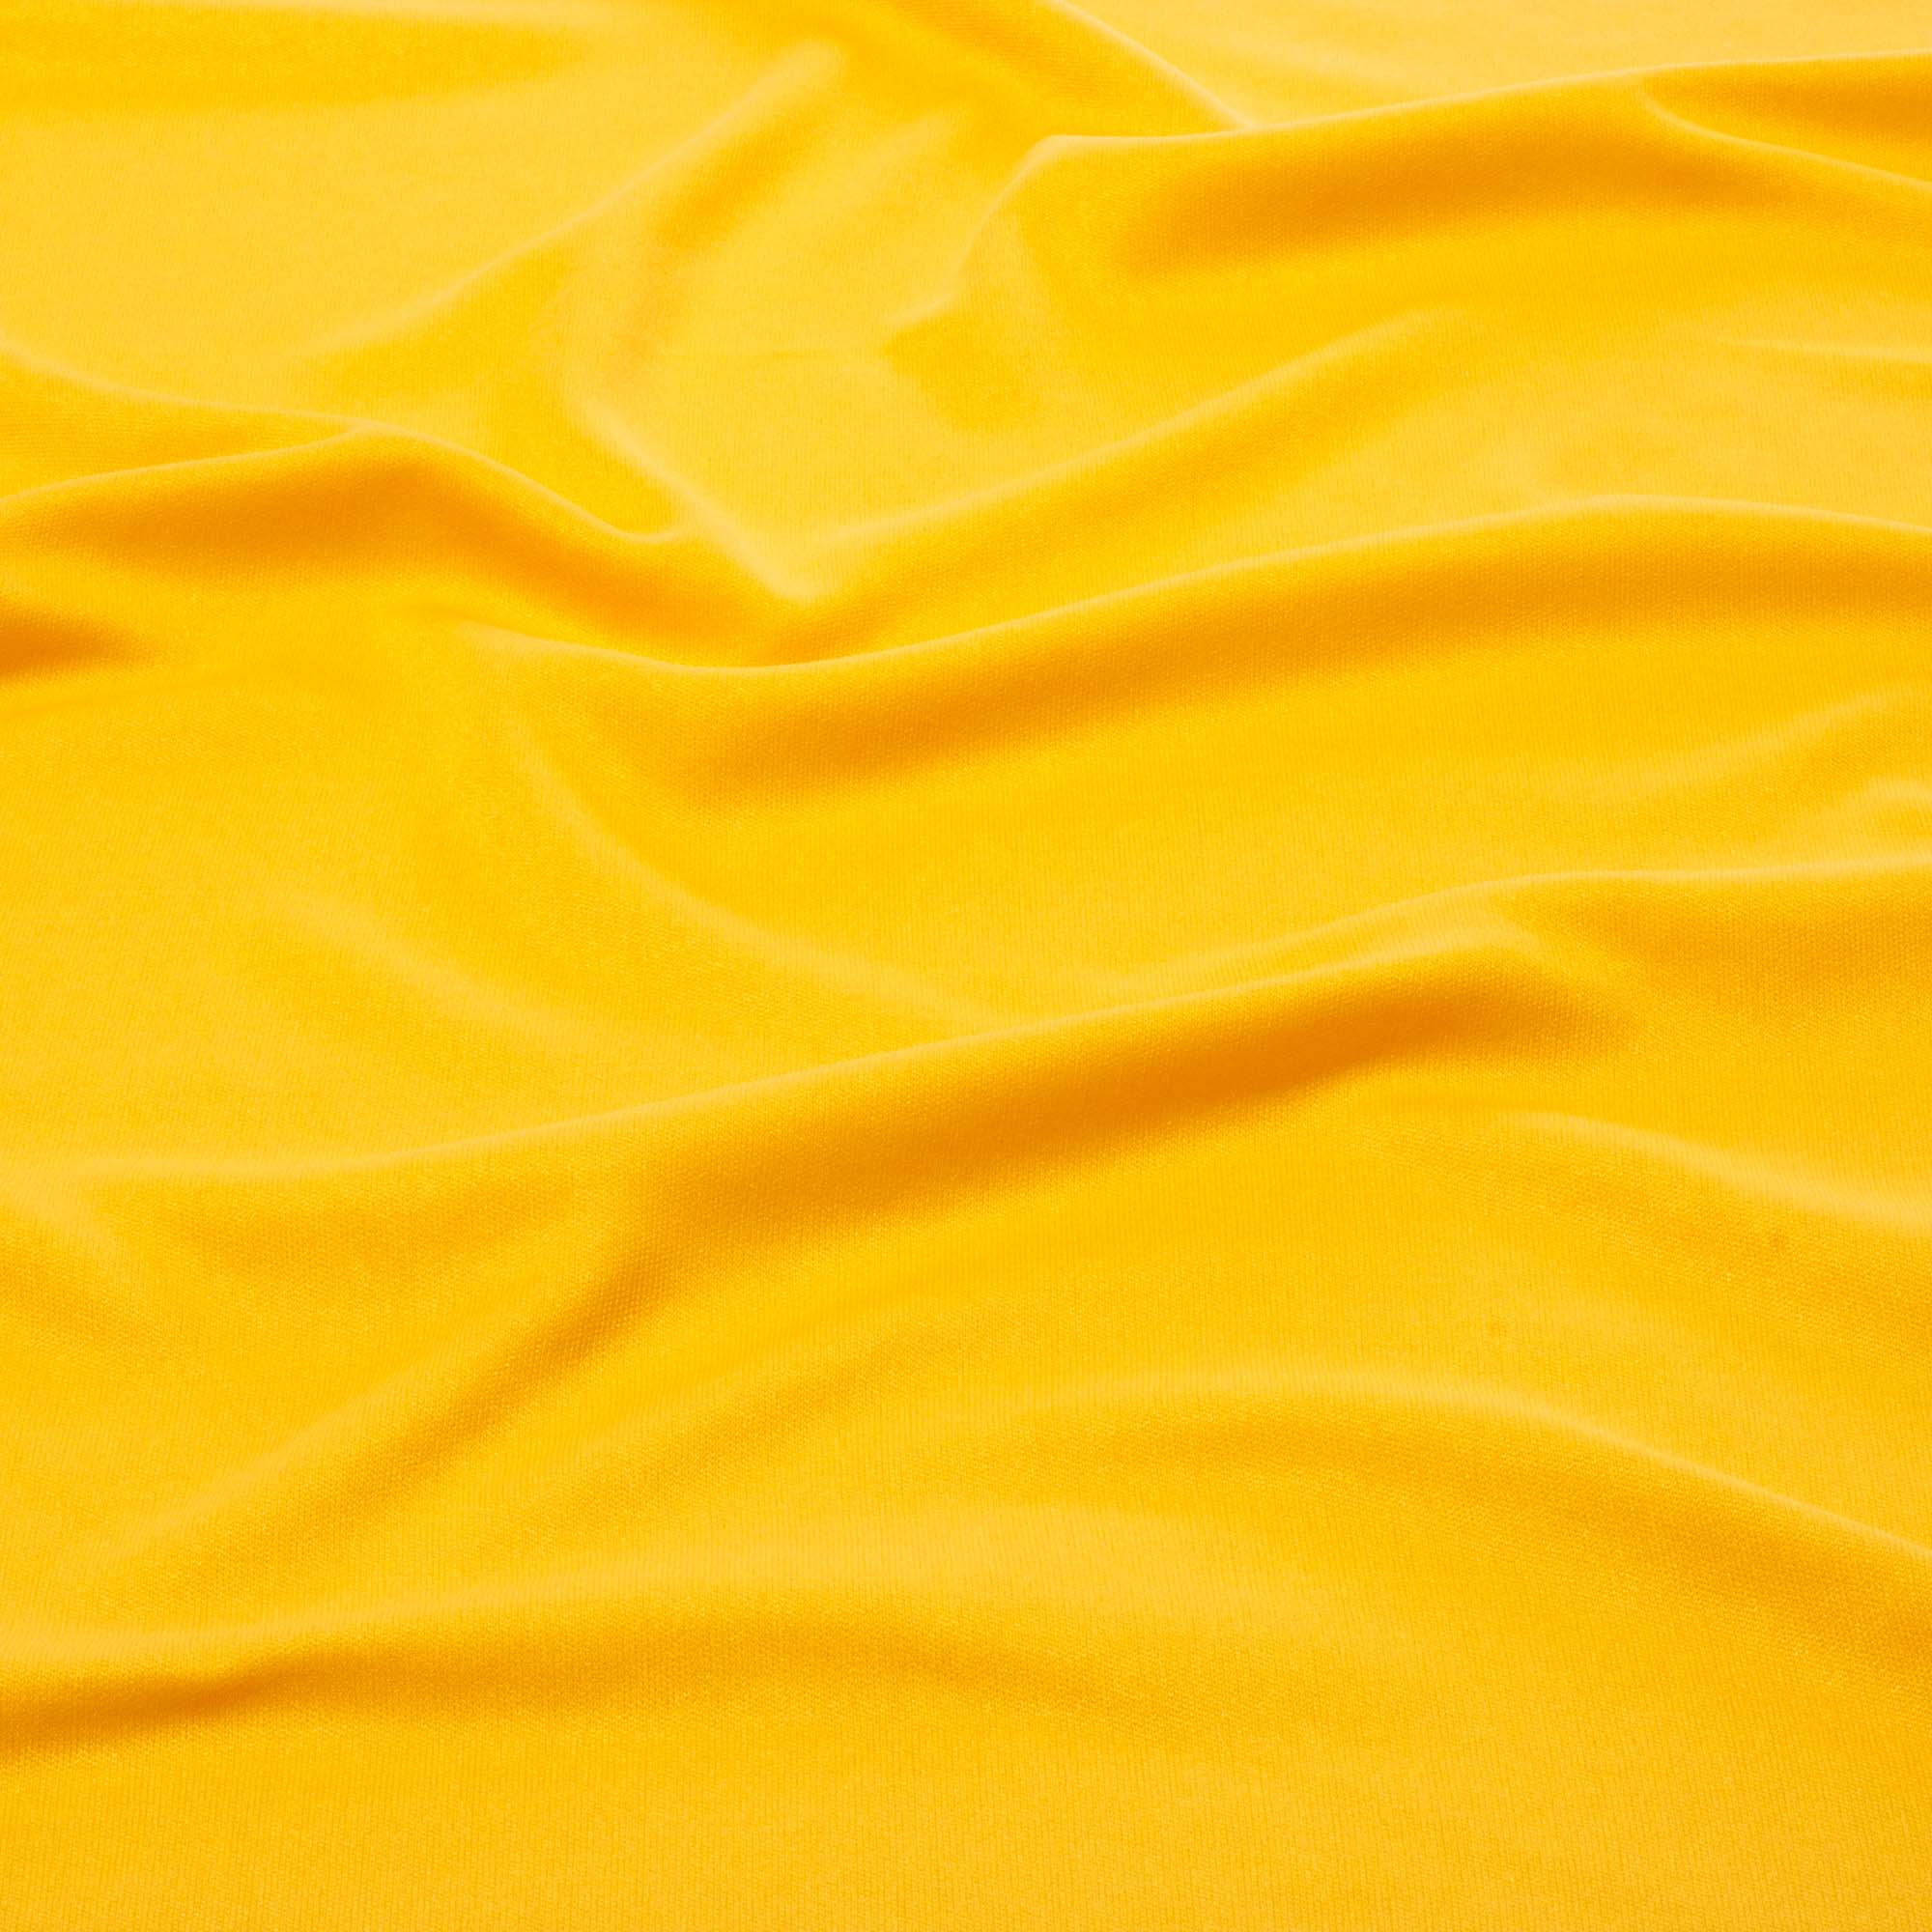 Tecido Malha Helanca Light Amarelo Ouro 100% Poliester 1,80 m Largura